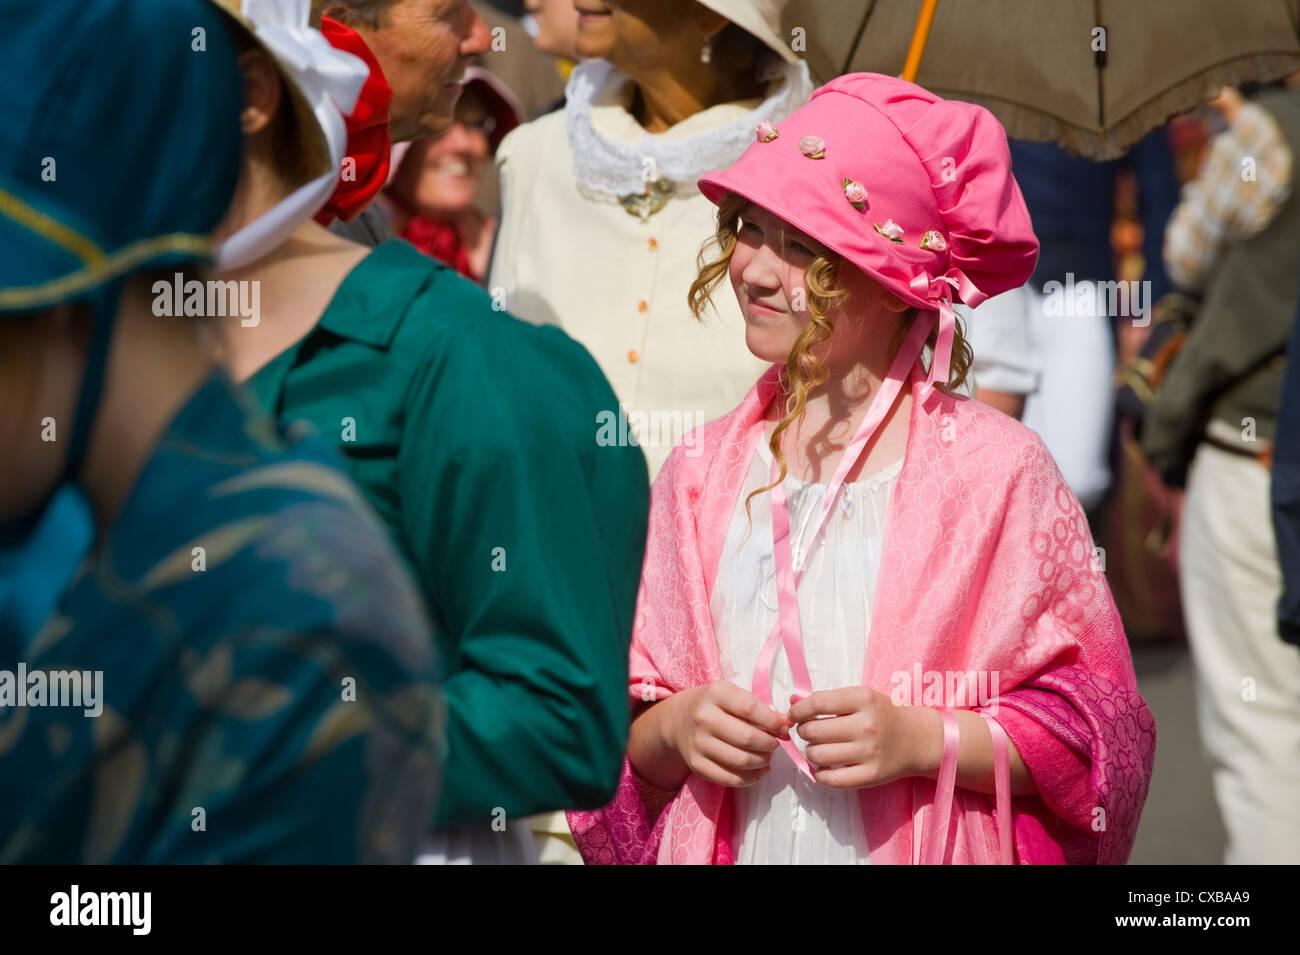 Señoras en traje de baño Regency promenade a través del centro de la ciudad durante el 2012 Festival Imagen De Stock